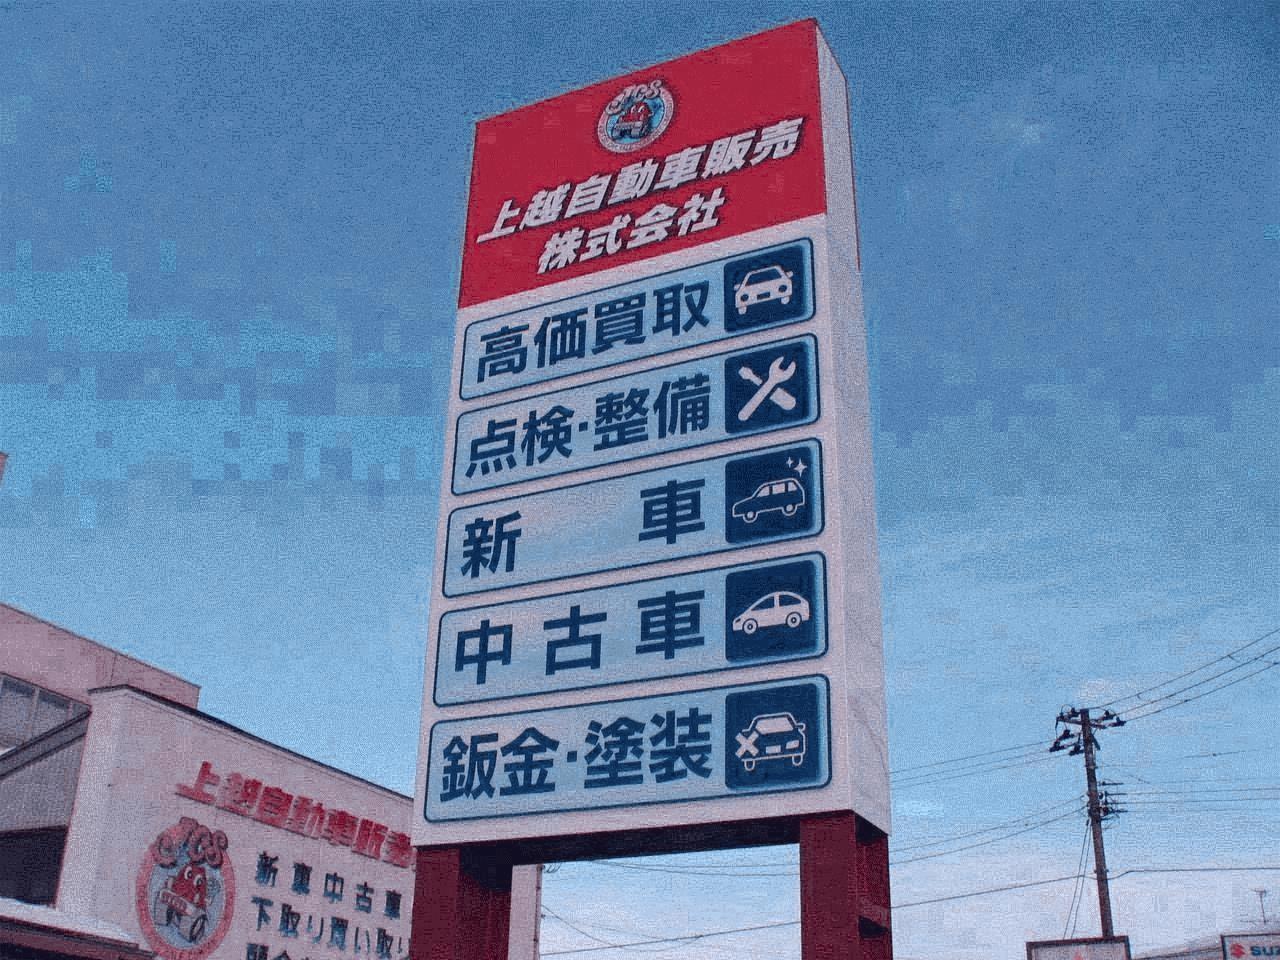 上越自動車販売(株)